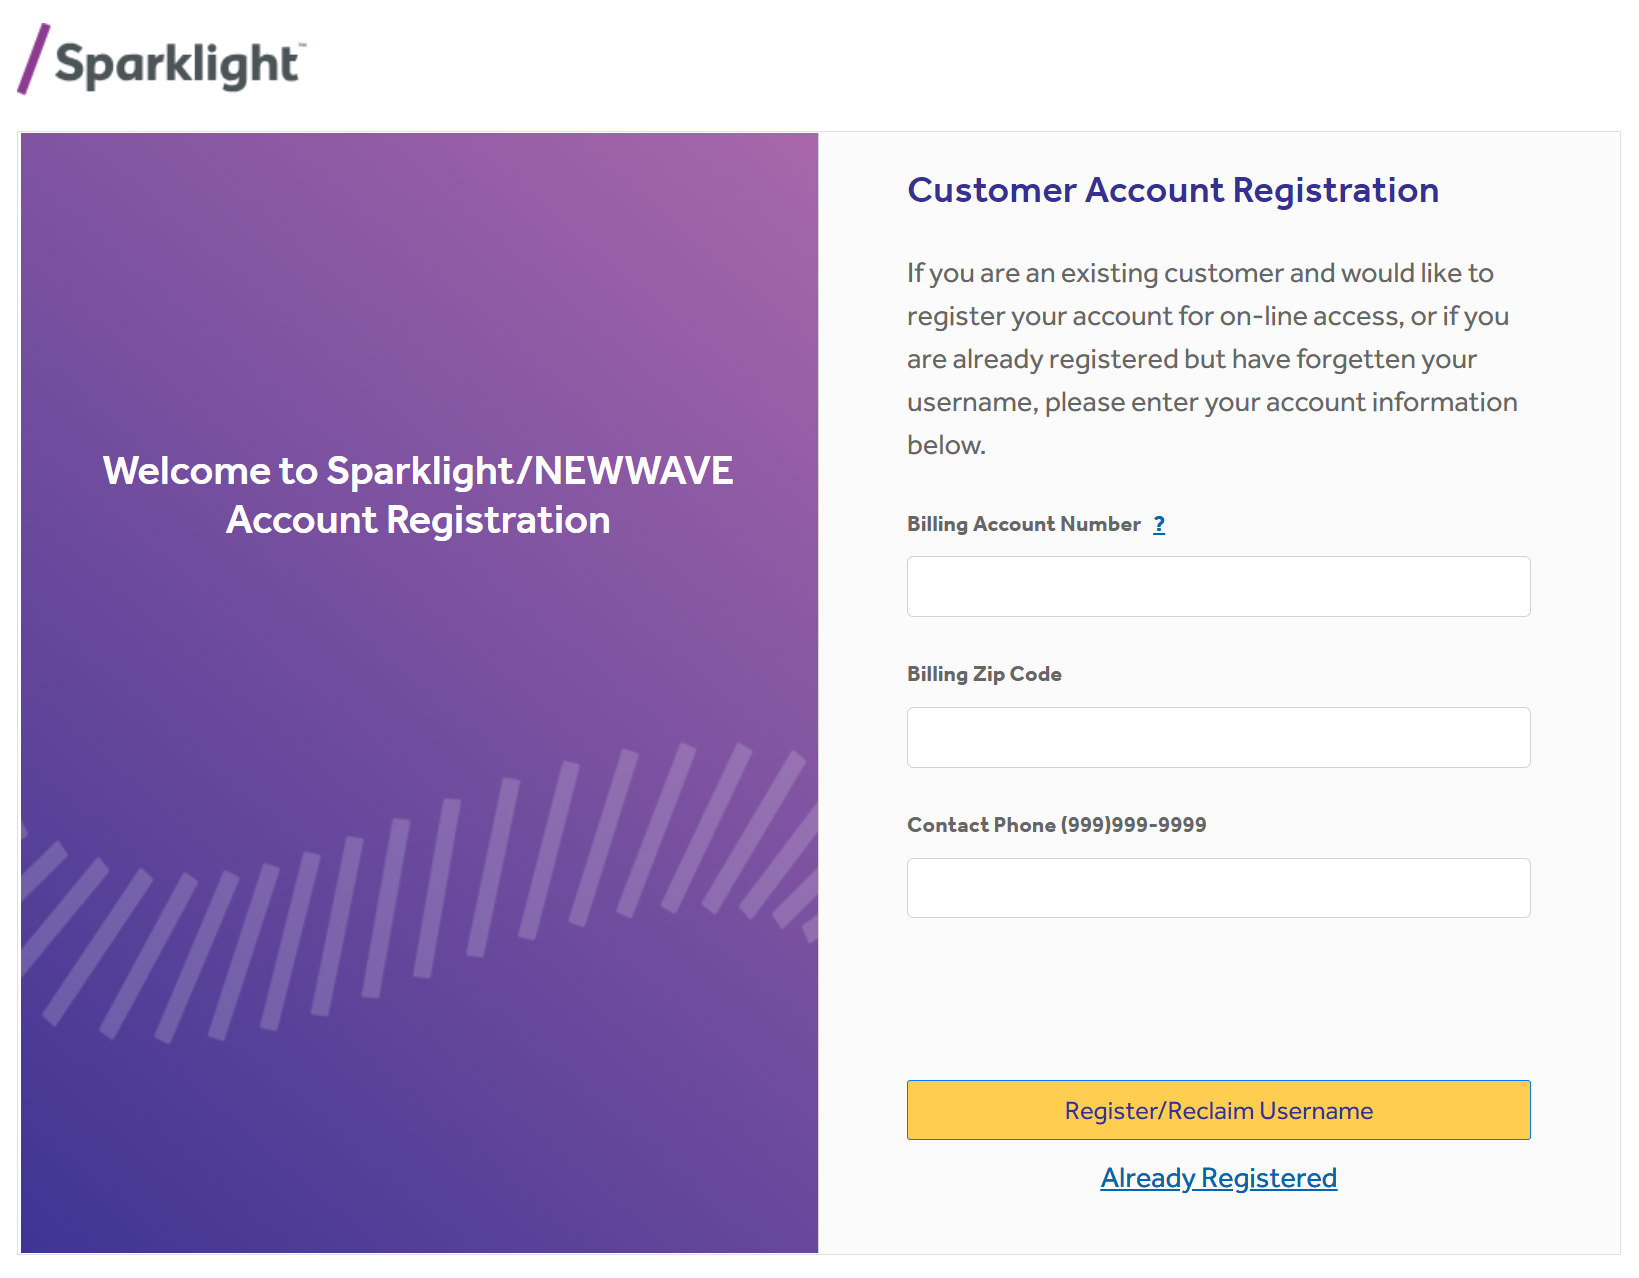 Sparklight Customer Login at sparklight.com